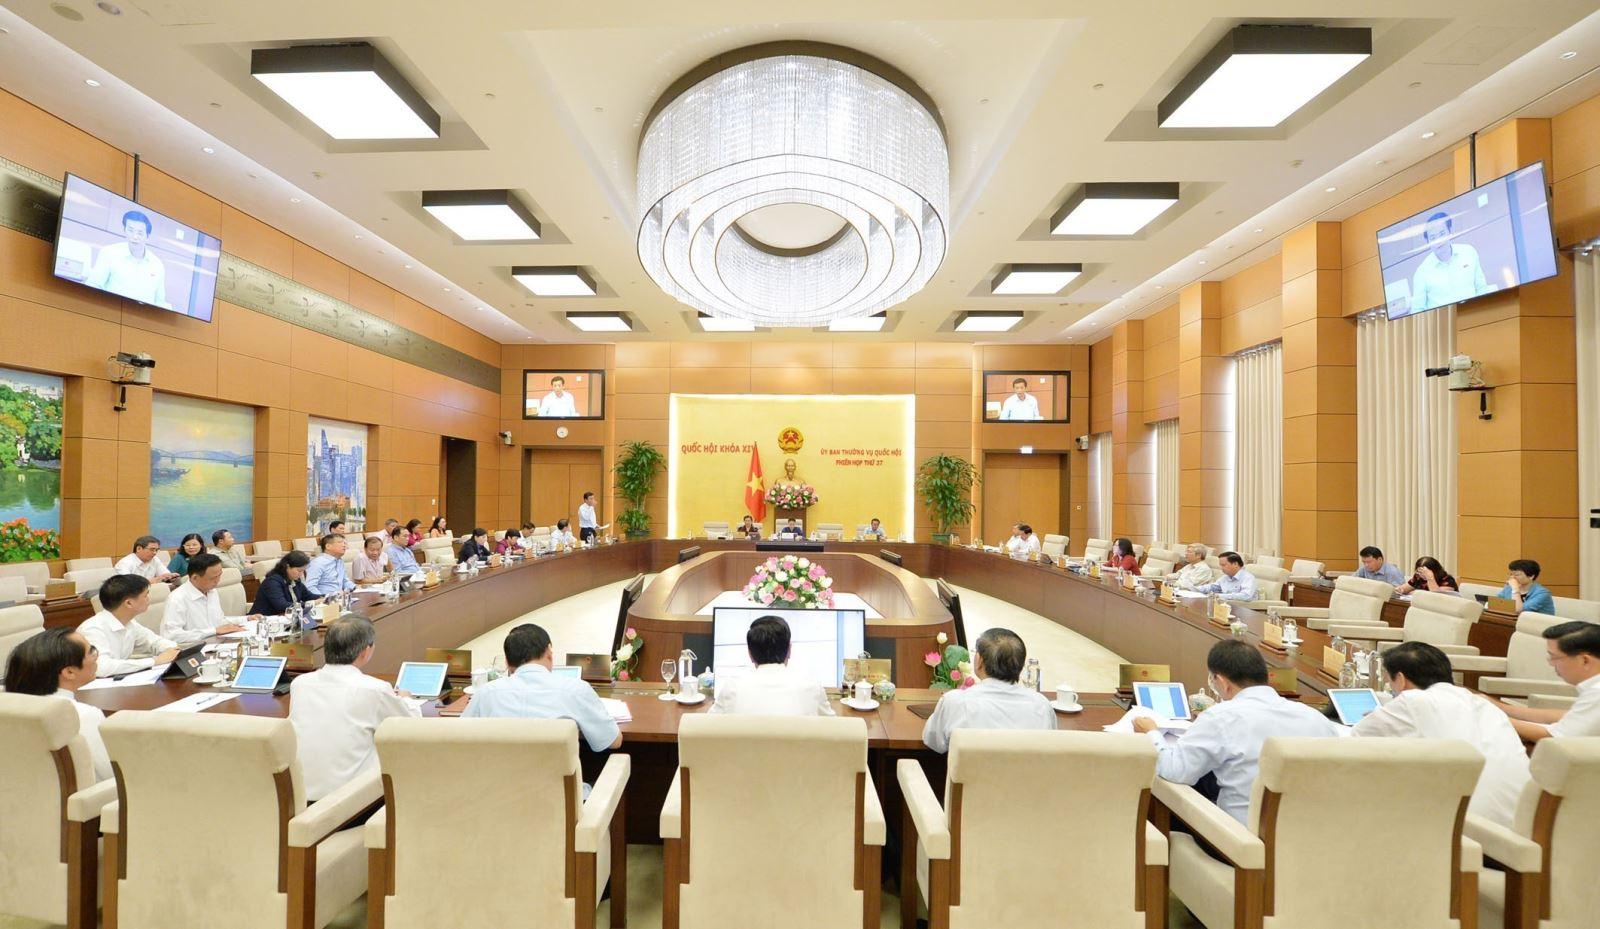 THỜI SỰ 12H TRƯA 20/9/2019: Quốc hội cho ý kiến về việc giải trình, tiếp thu, chỉnh lý dự án Bộ luật Lao động (sửa đổi).